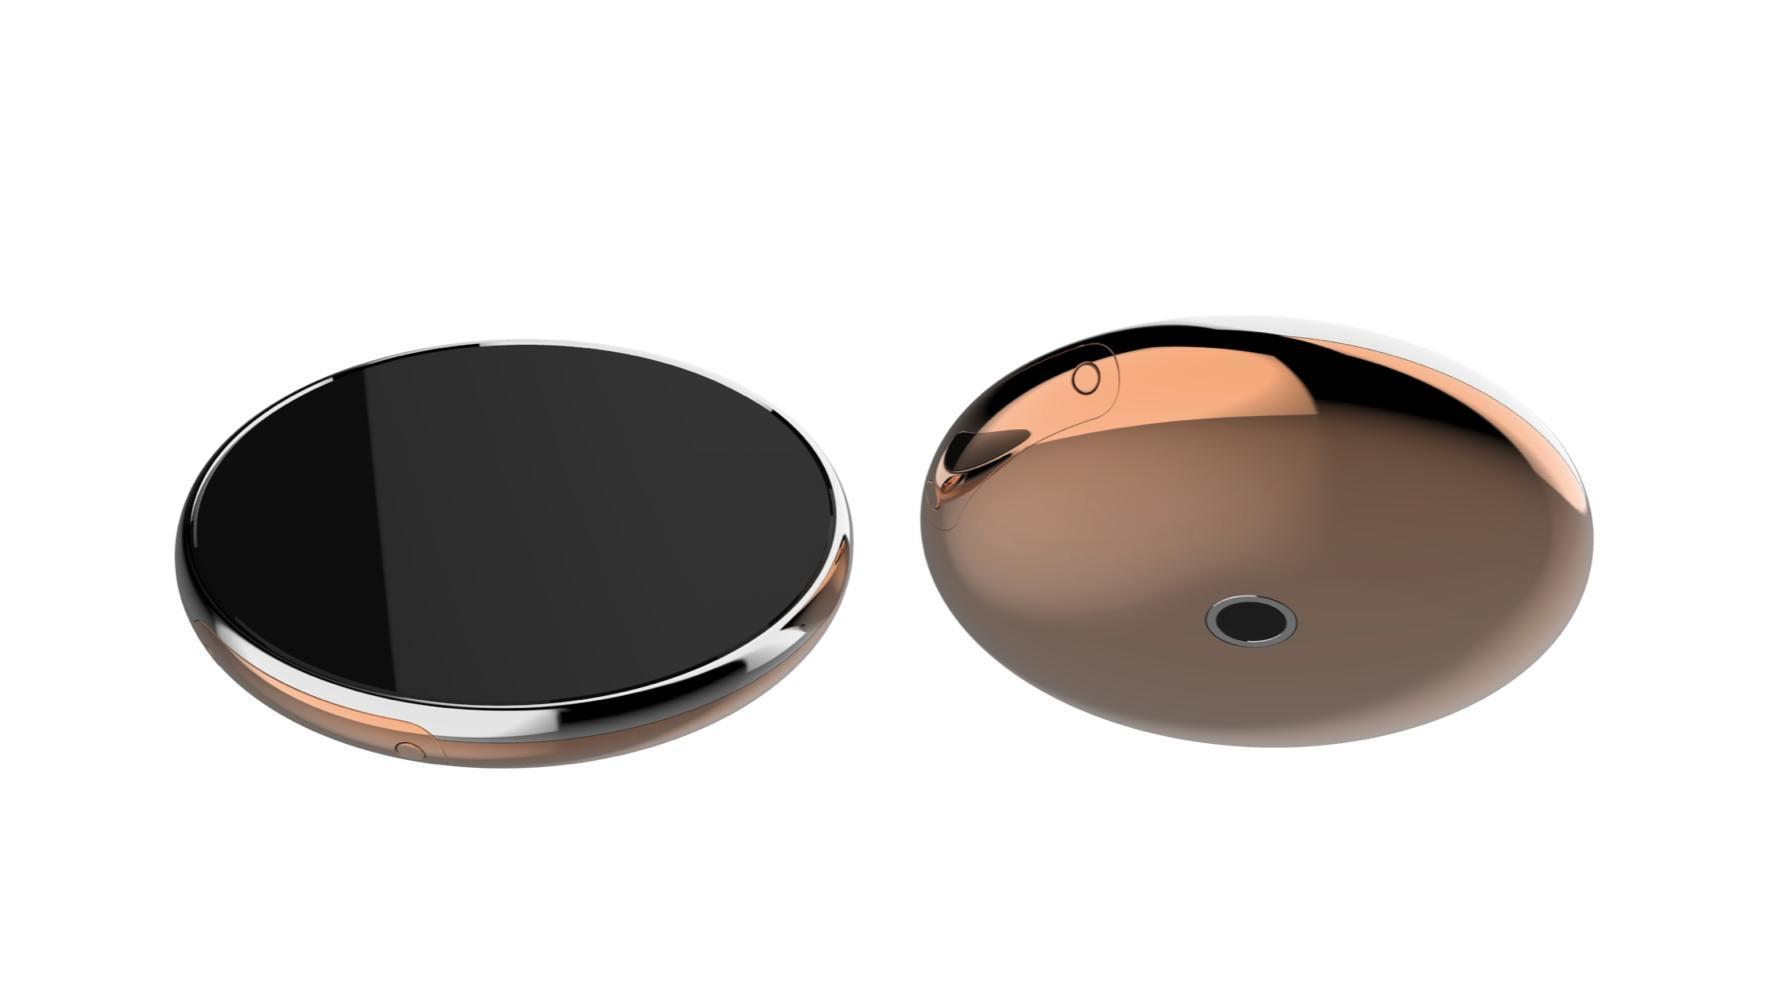 Runcible - Firefox OS smartphone Concept